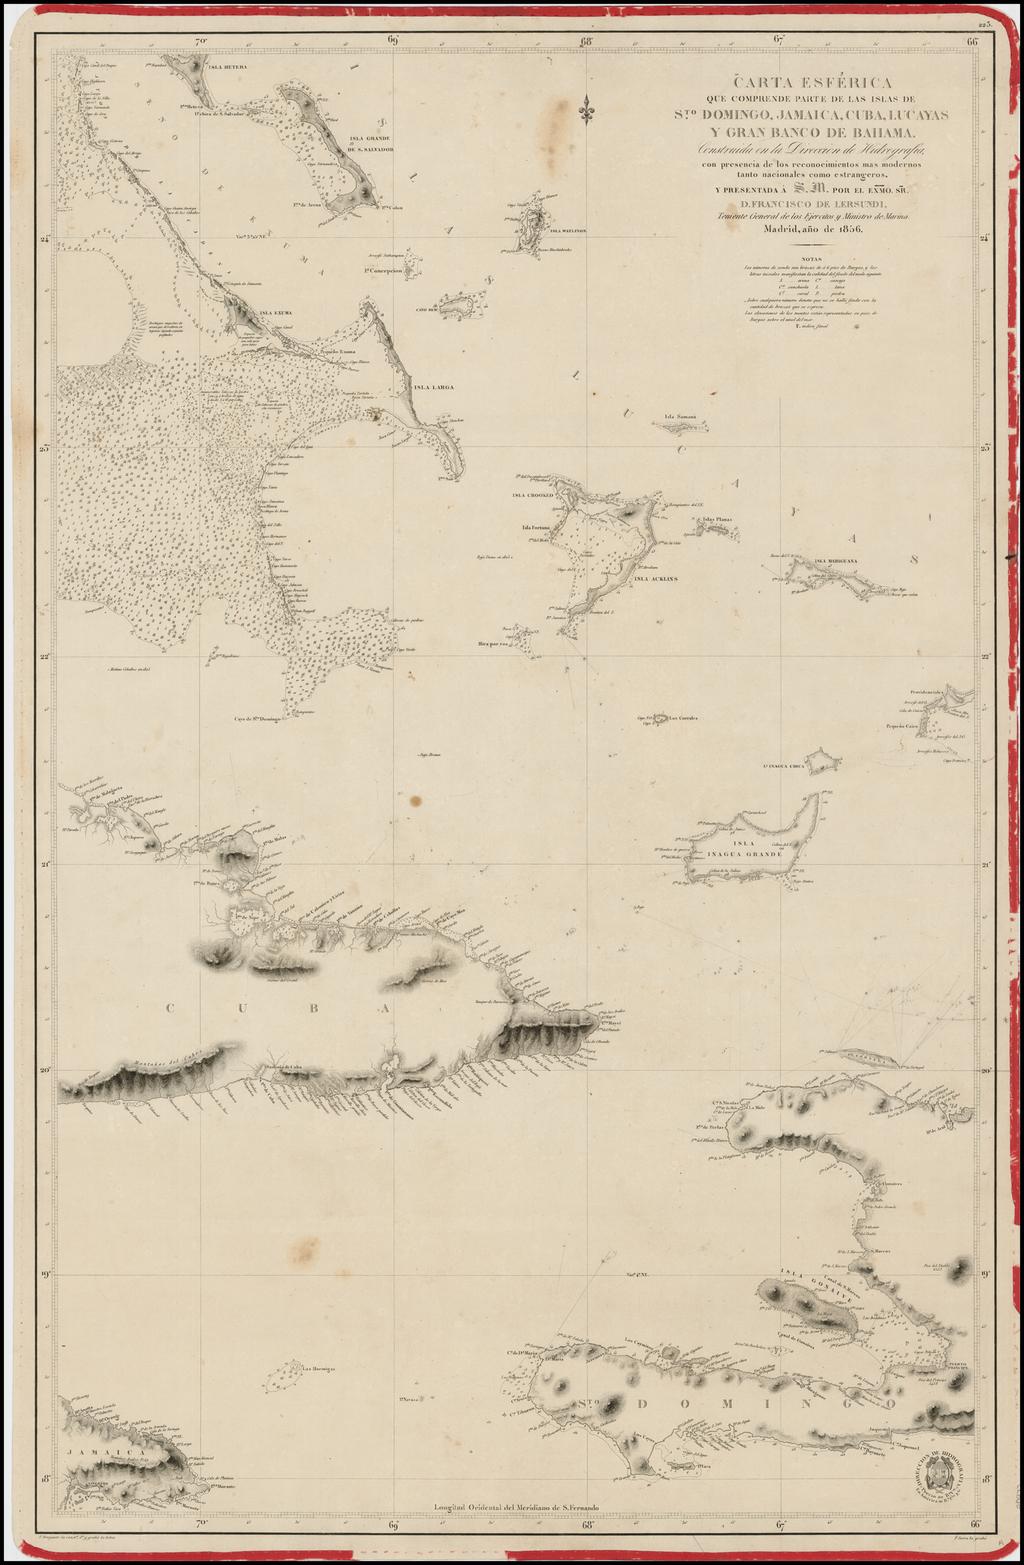 Carta Esferica que comprende parte de las Islas de S.to Domingo, Jamaica, Cuba, Lucayas Y Gran Banco de Bahama.  1856 By Direccion Hidrografica de Madrid